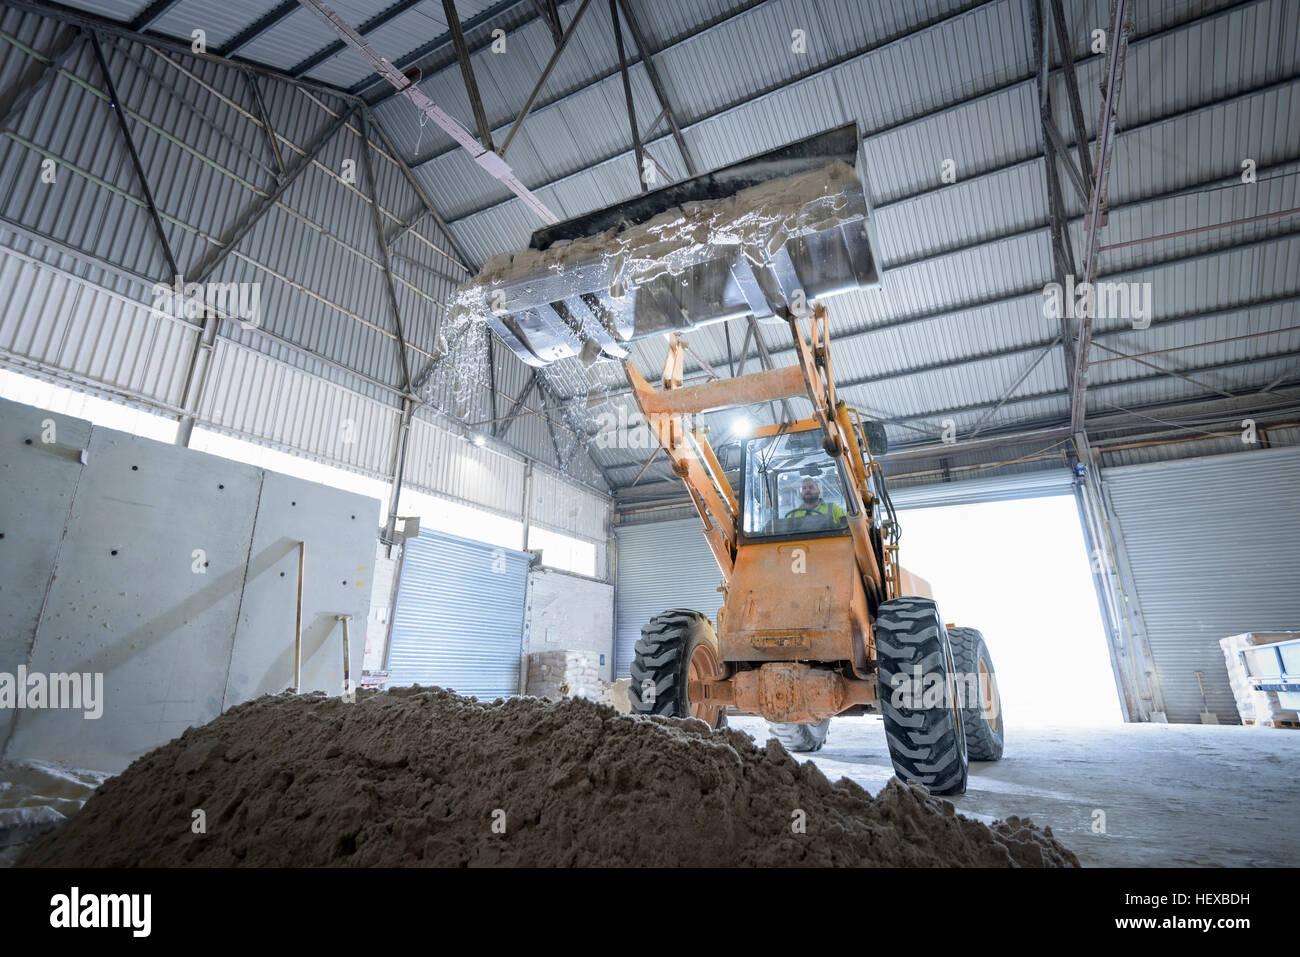 Escavatore con sabbia in pietra architettonico factory Immagini Stock